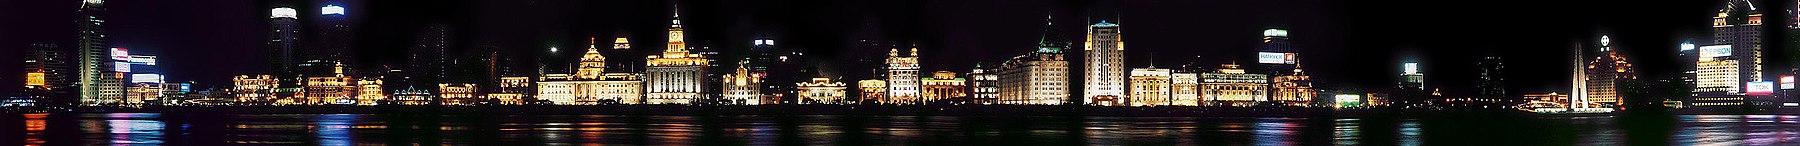 上海外灘的夜景全景圖  圖片來源:維基百科